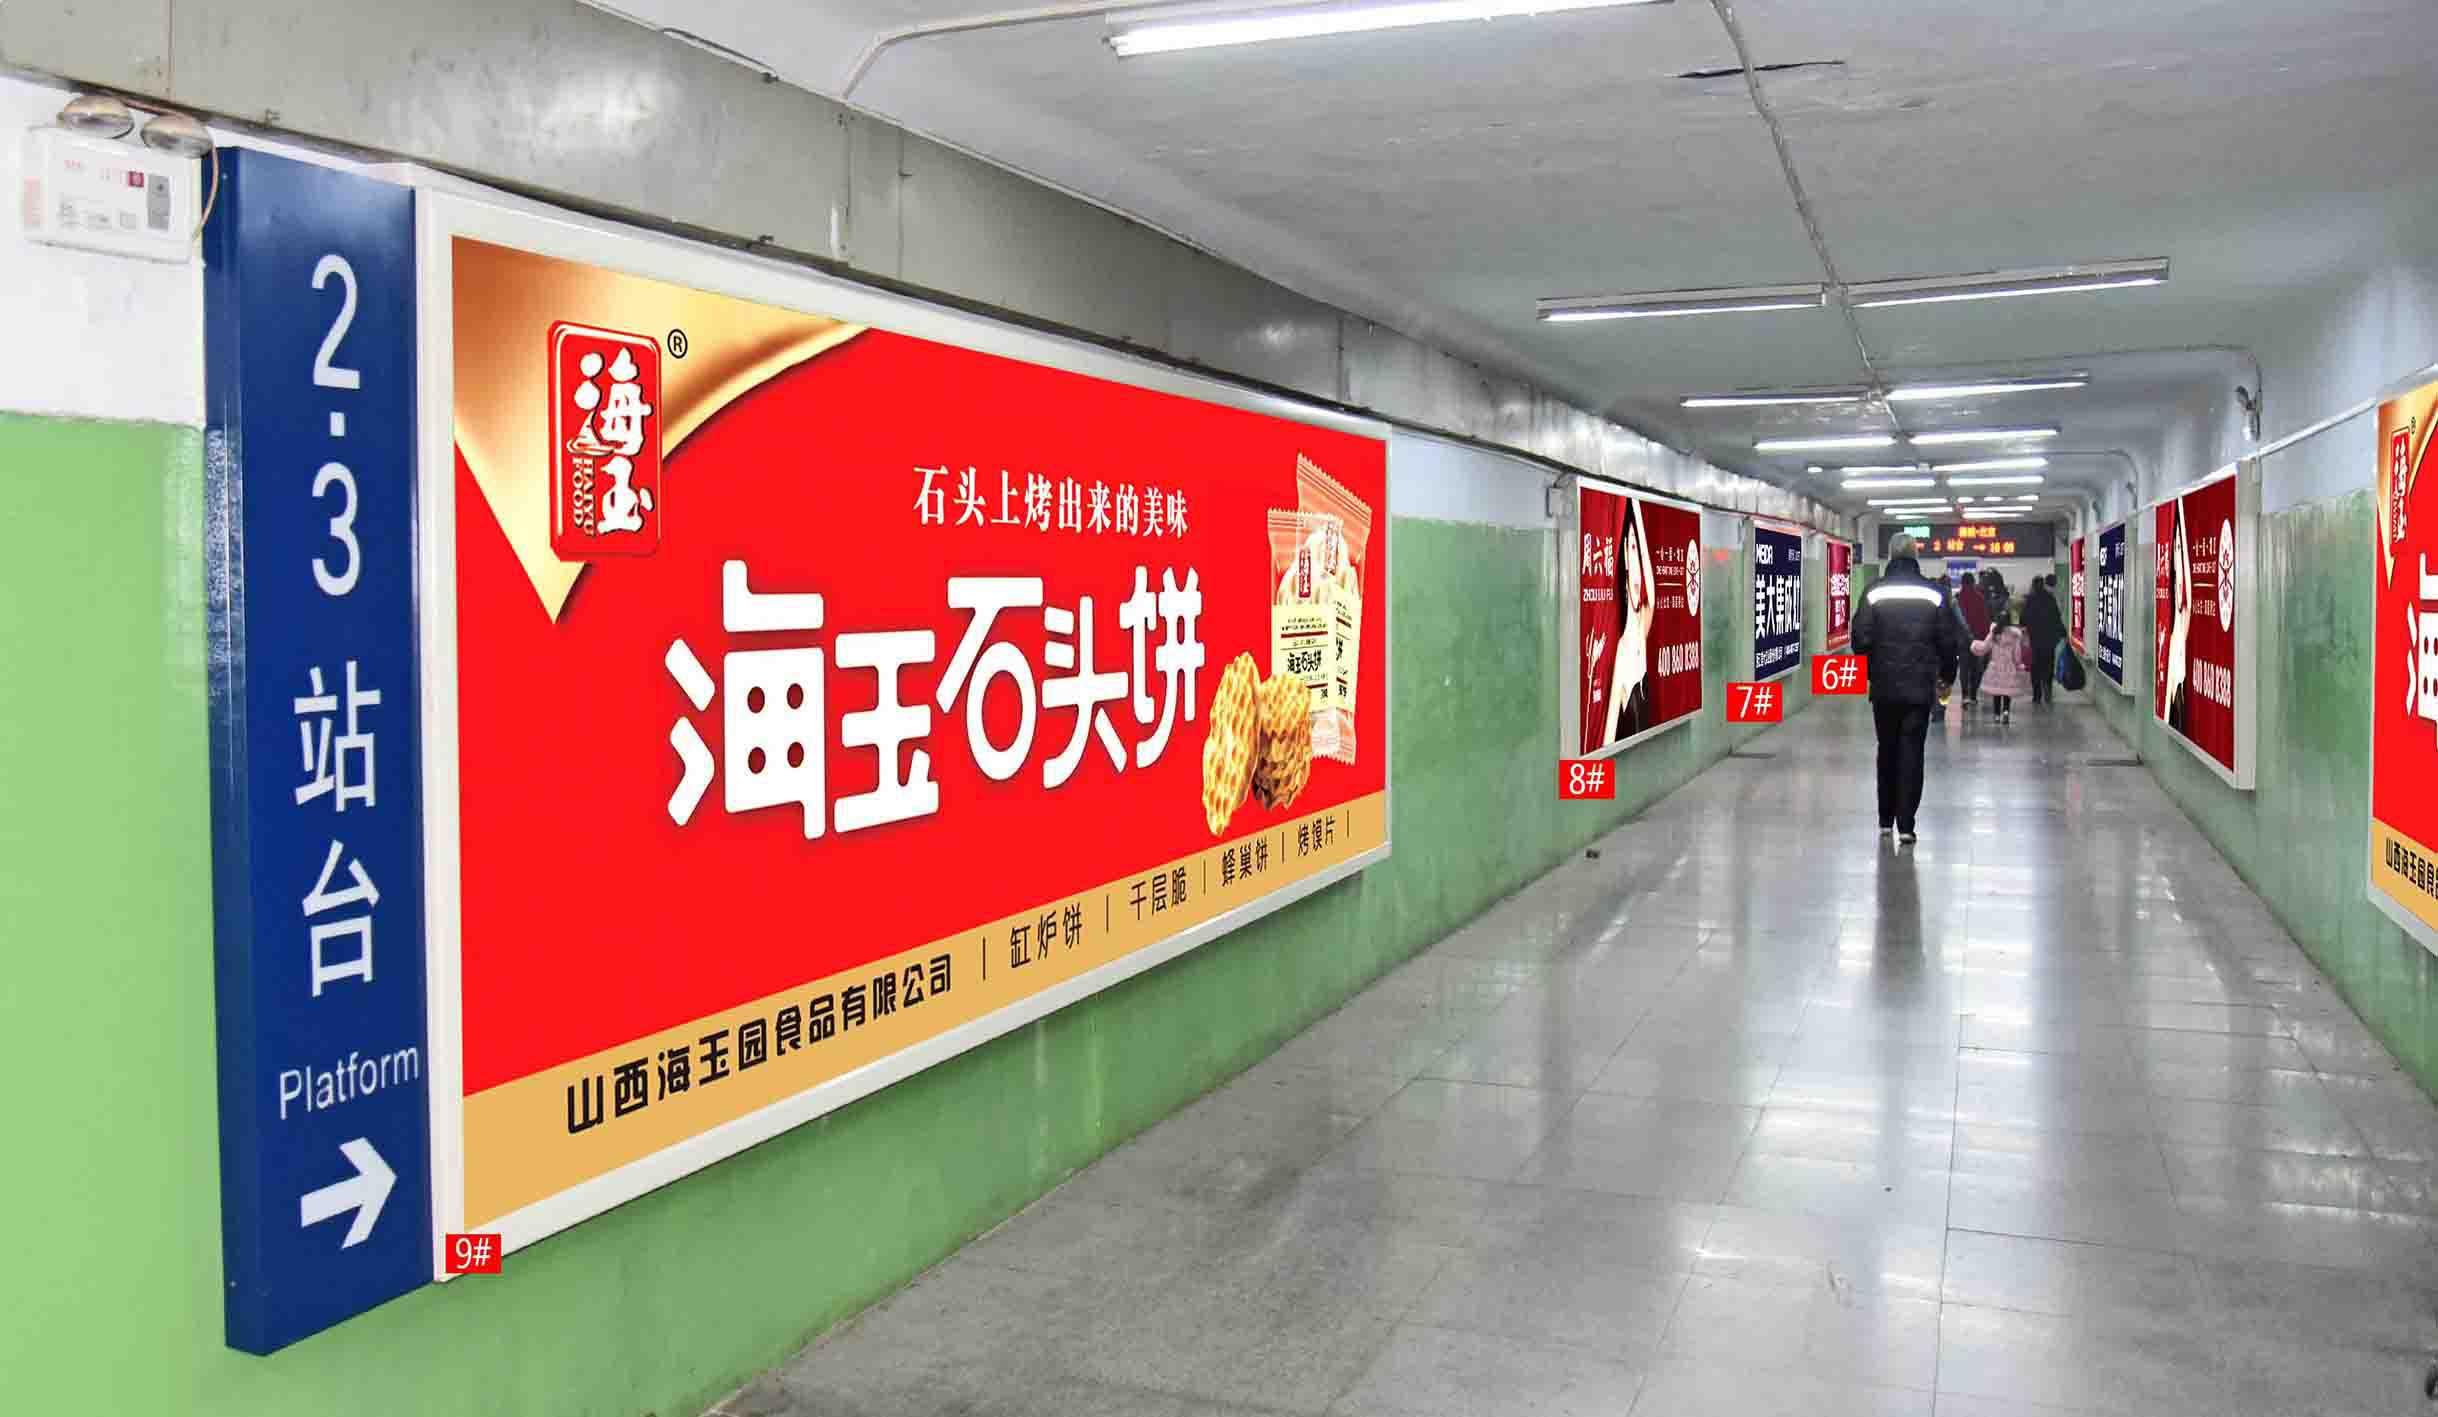 侯马火车站进出口地下通道灯箱广告告6#、7#、8#、9#